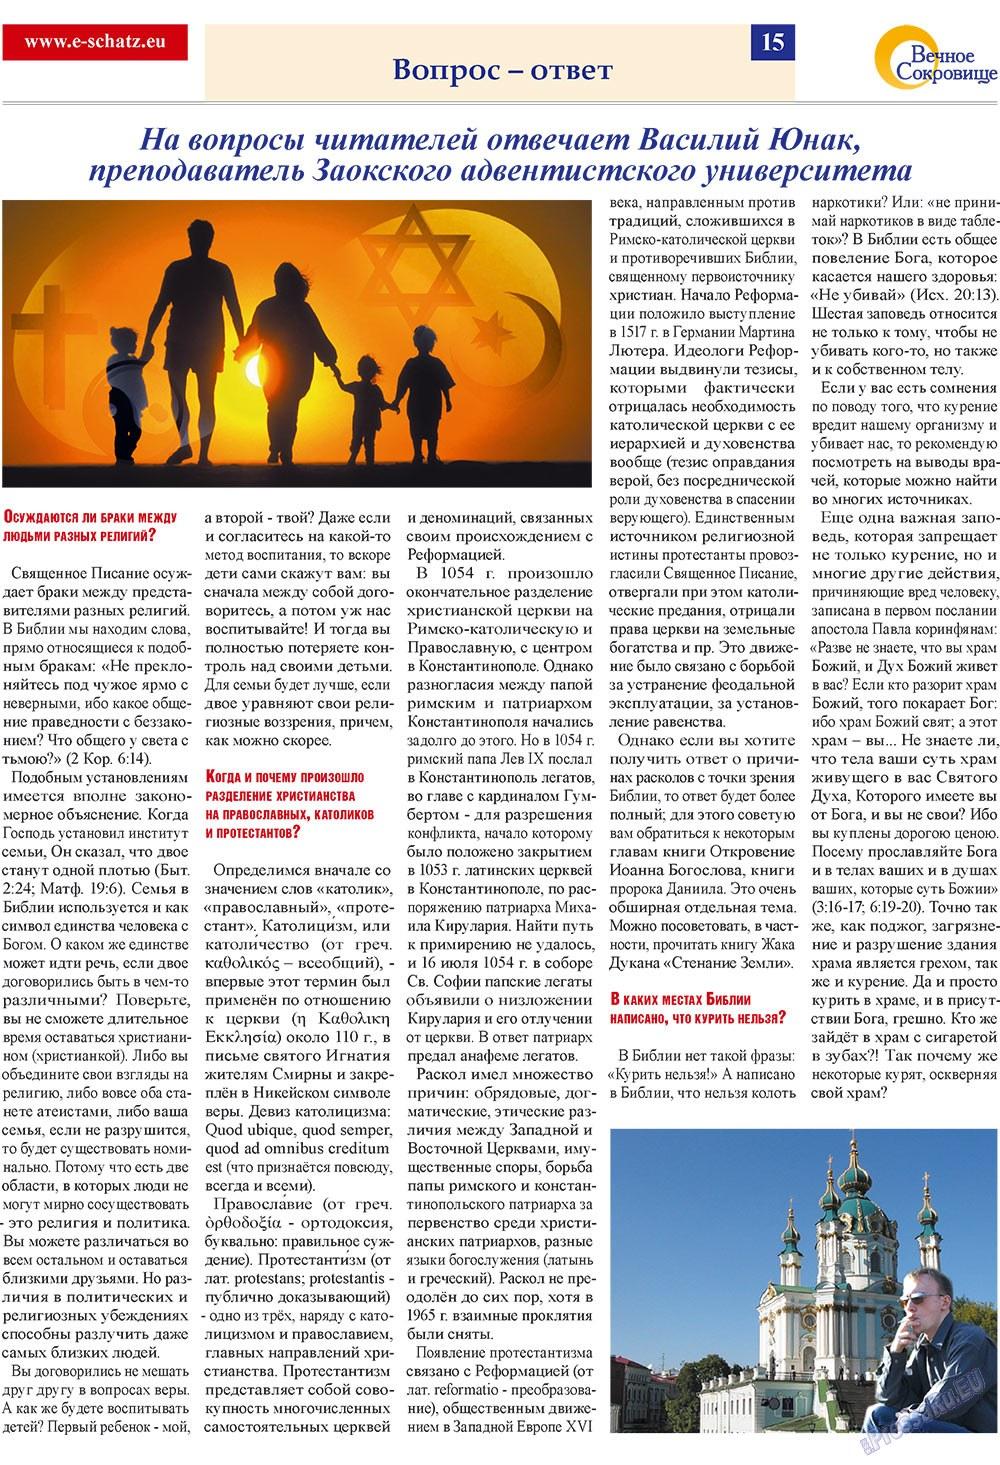 Вечное сокровище (газета). 2009 год, номер 3, стр. 15